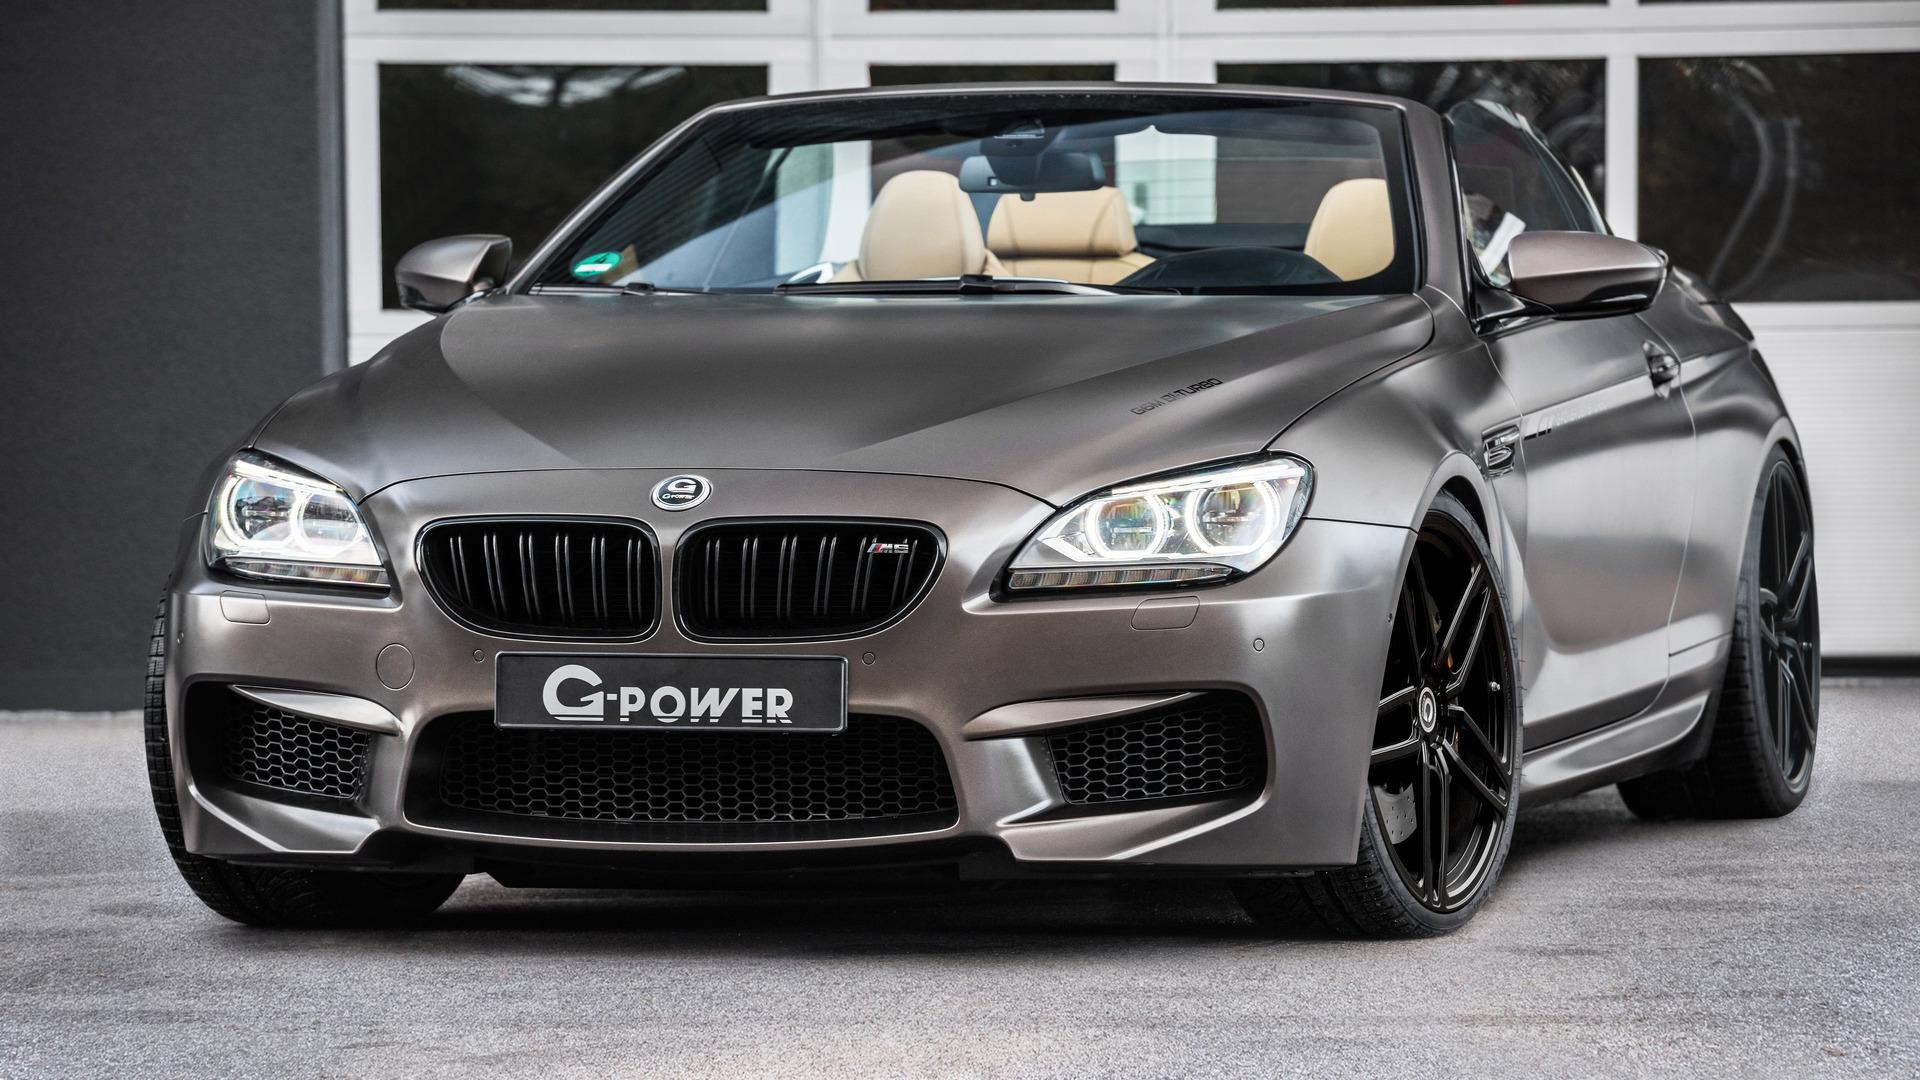 BMW M6 Cabrio by G-Power (1)